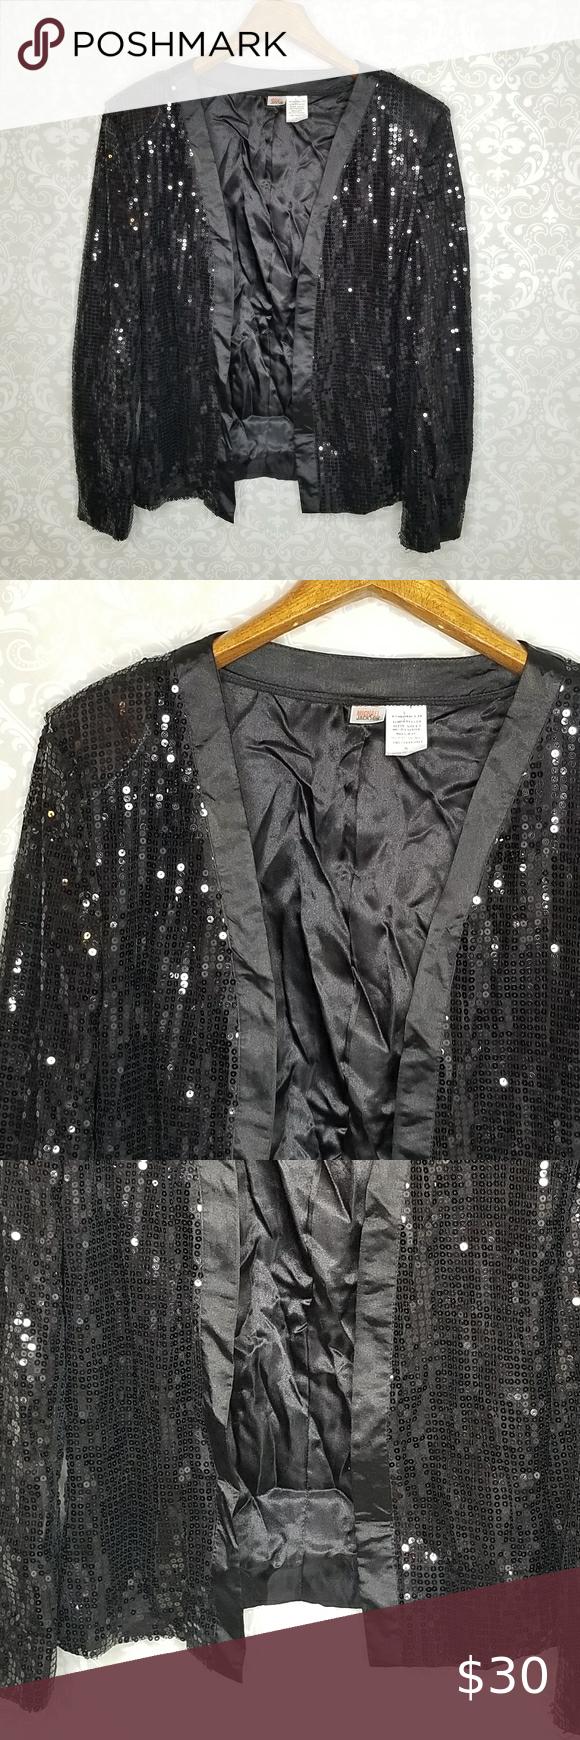 Michael Jackson Black Sequin Billie Jean Jacket Black Sequins Clothes Design Fashion [ 1740 x 580 Pixel ]